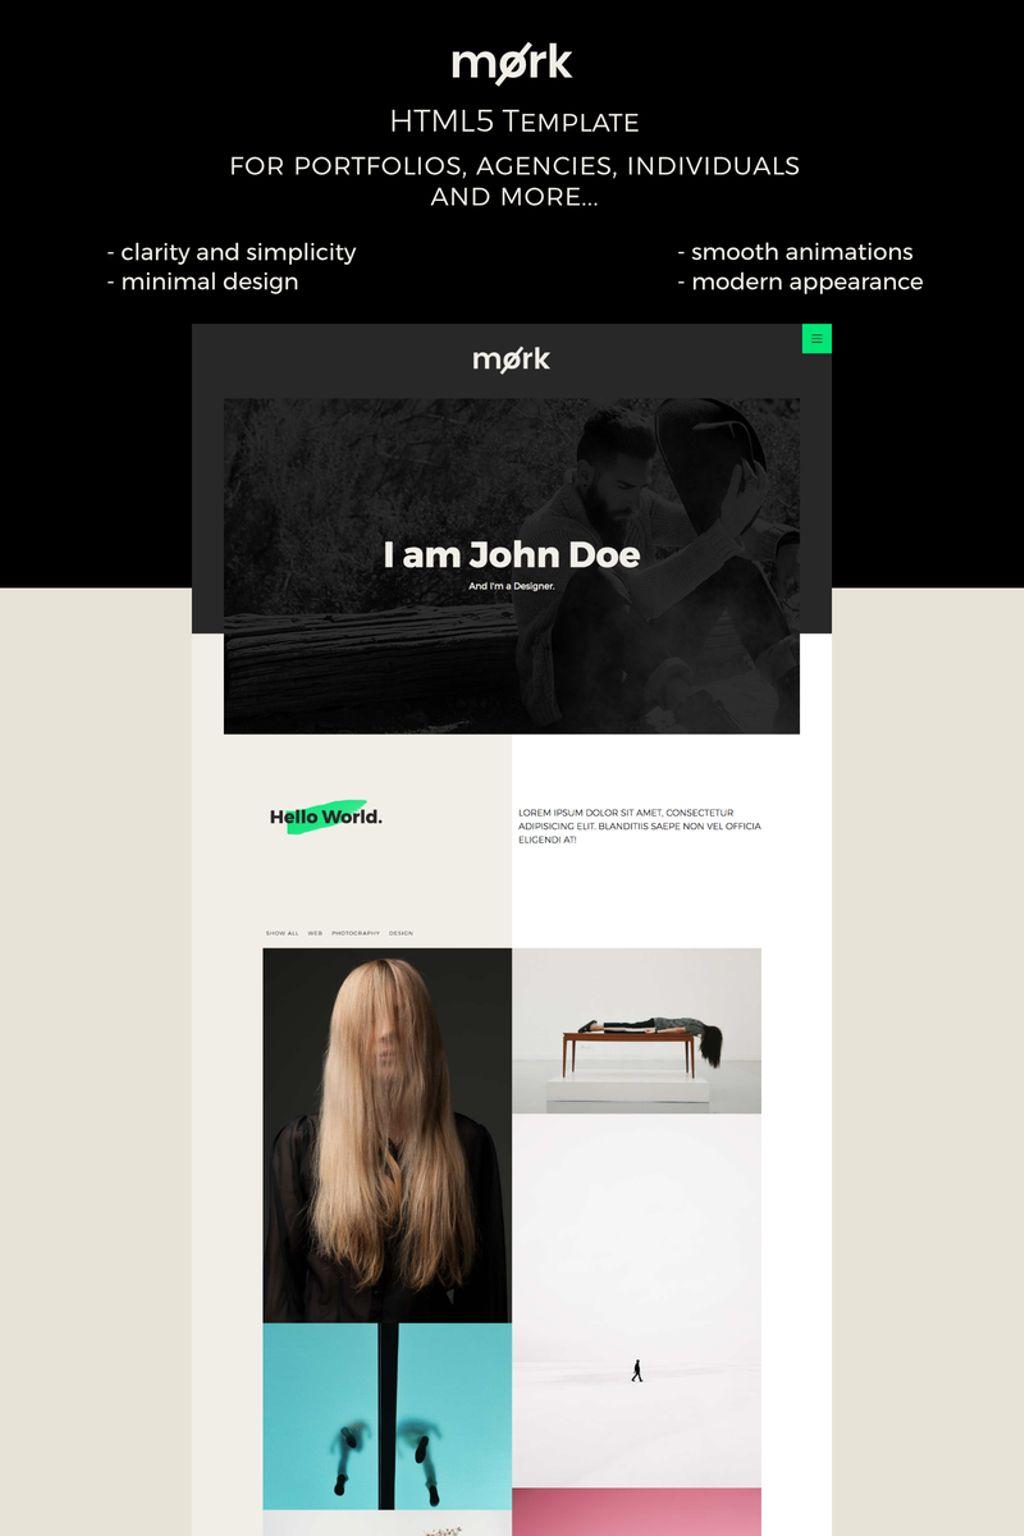 Mork - Minimal HTML5 Website Template - screenshot